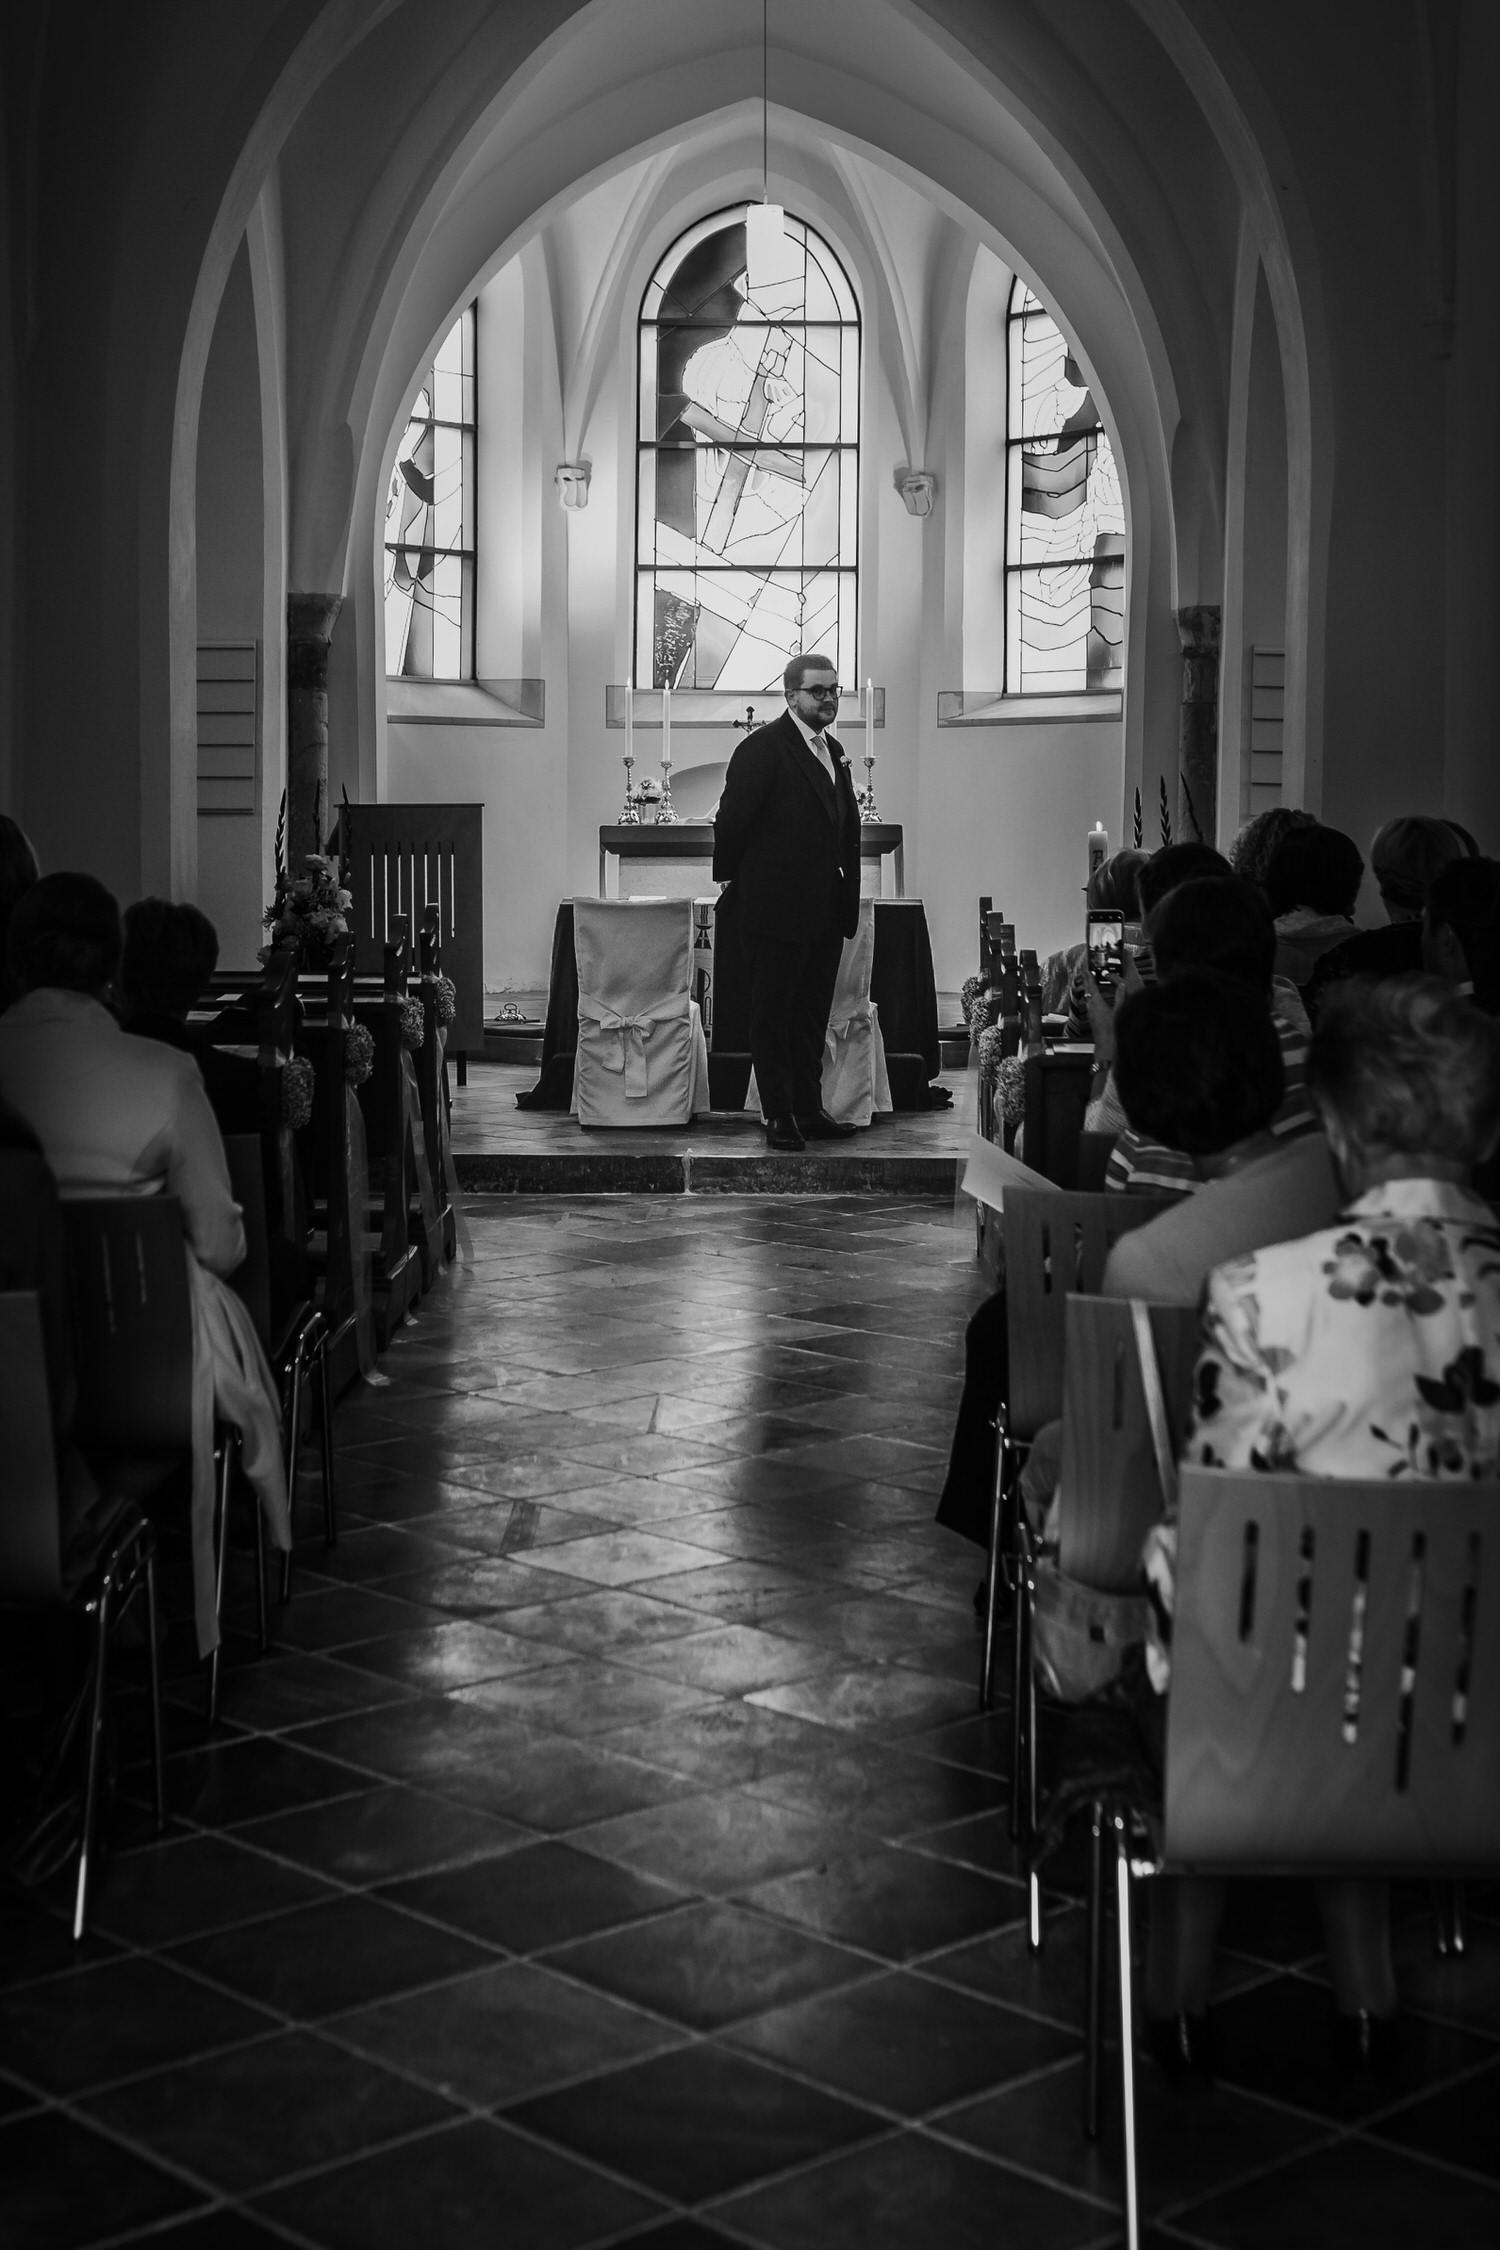 wartender Bräutigam in der Kirche